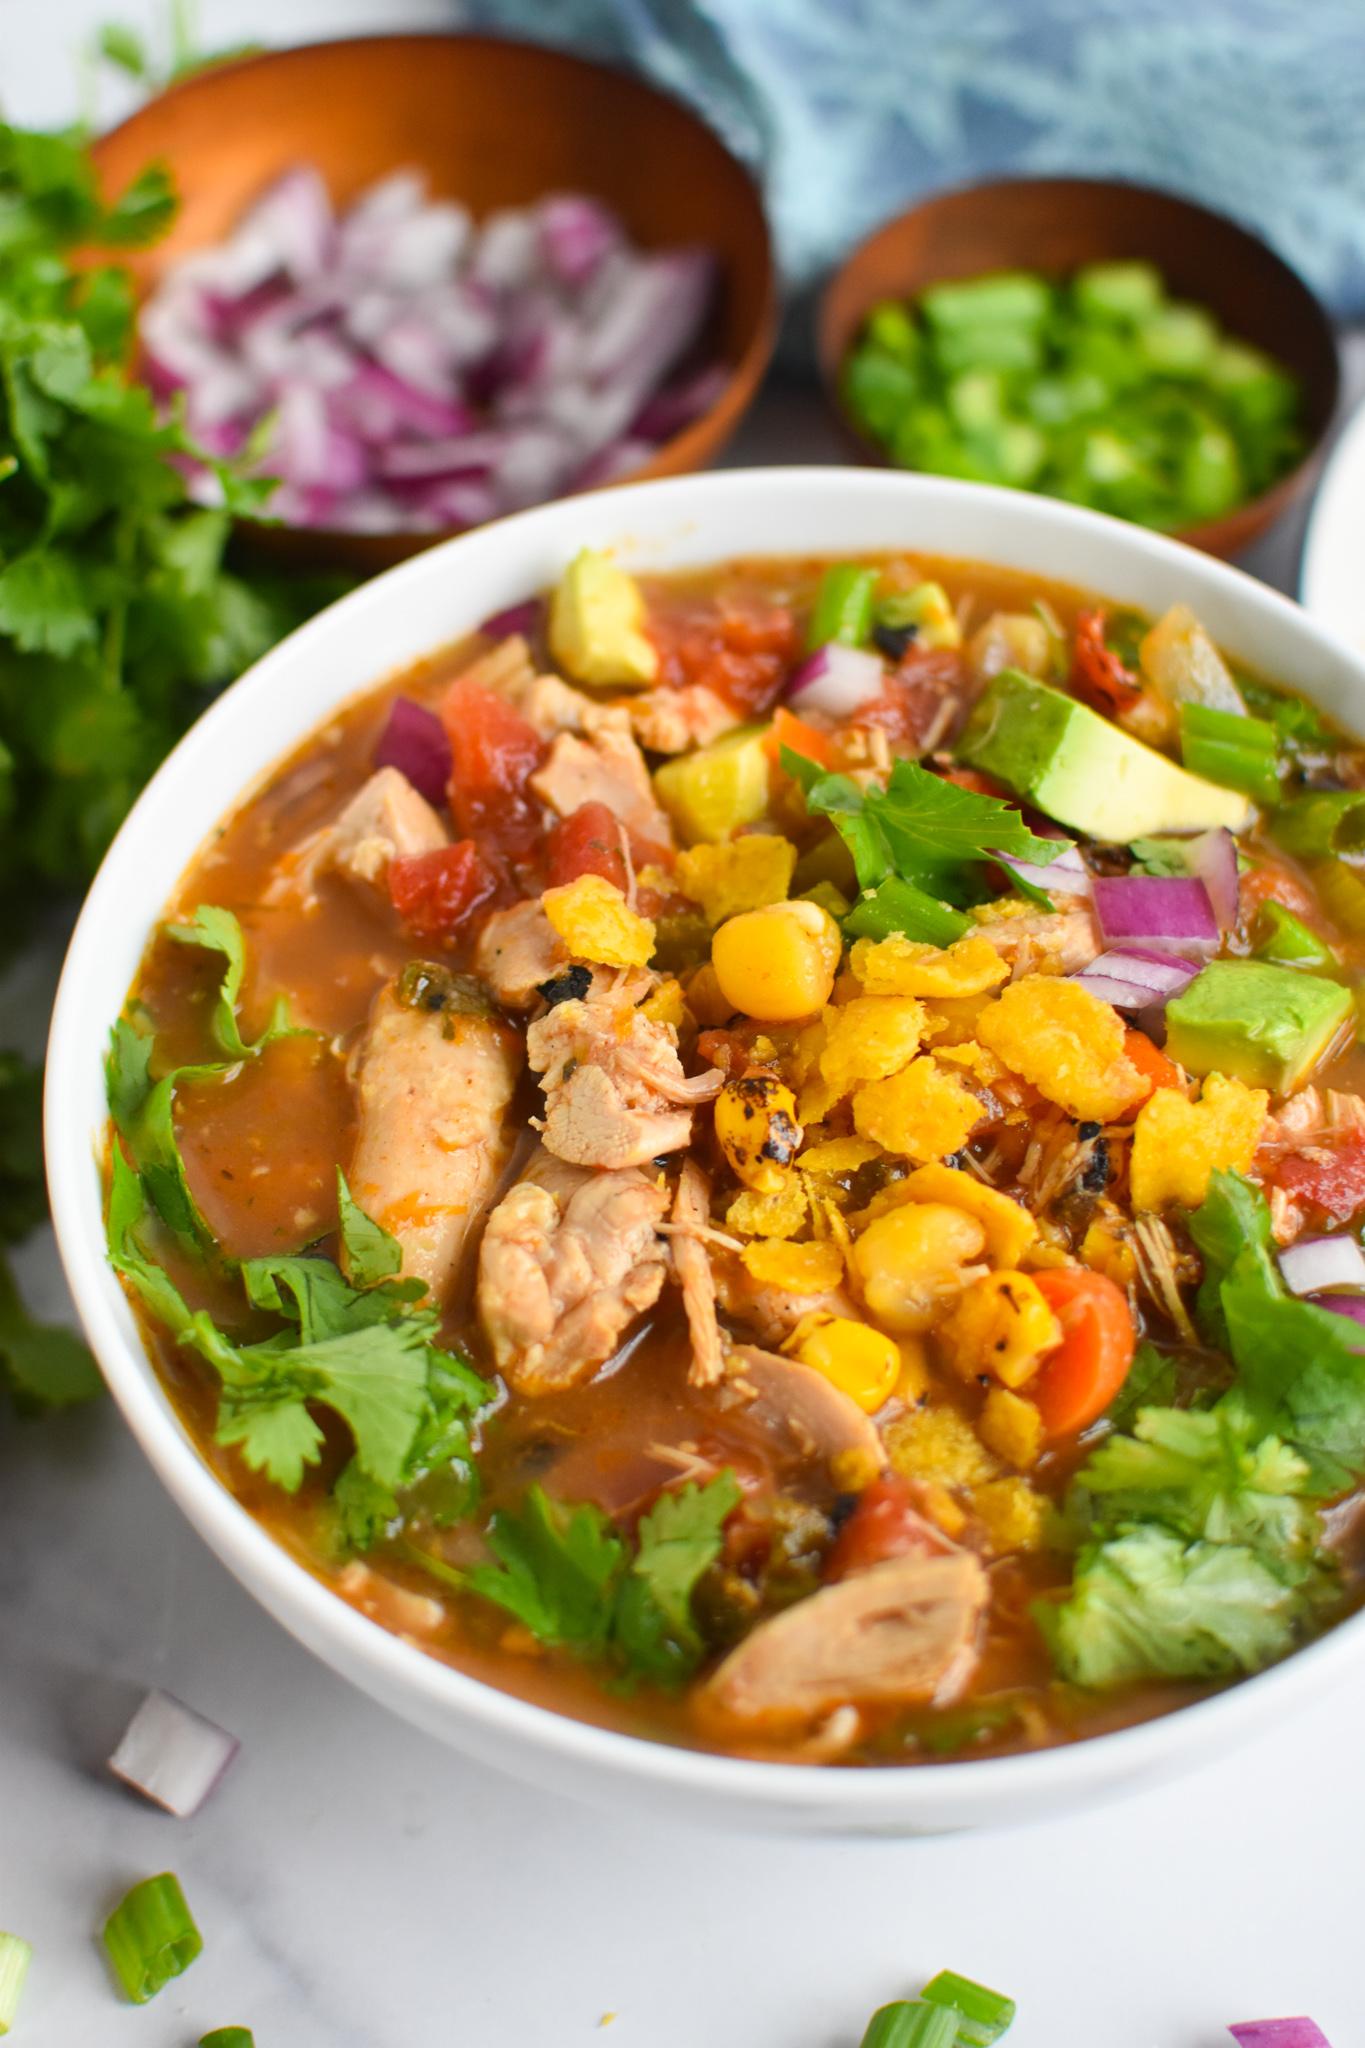 Green Chili Chicken Soup with cilantro